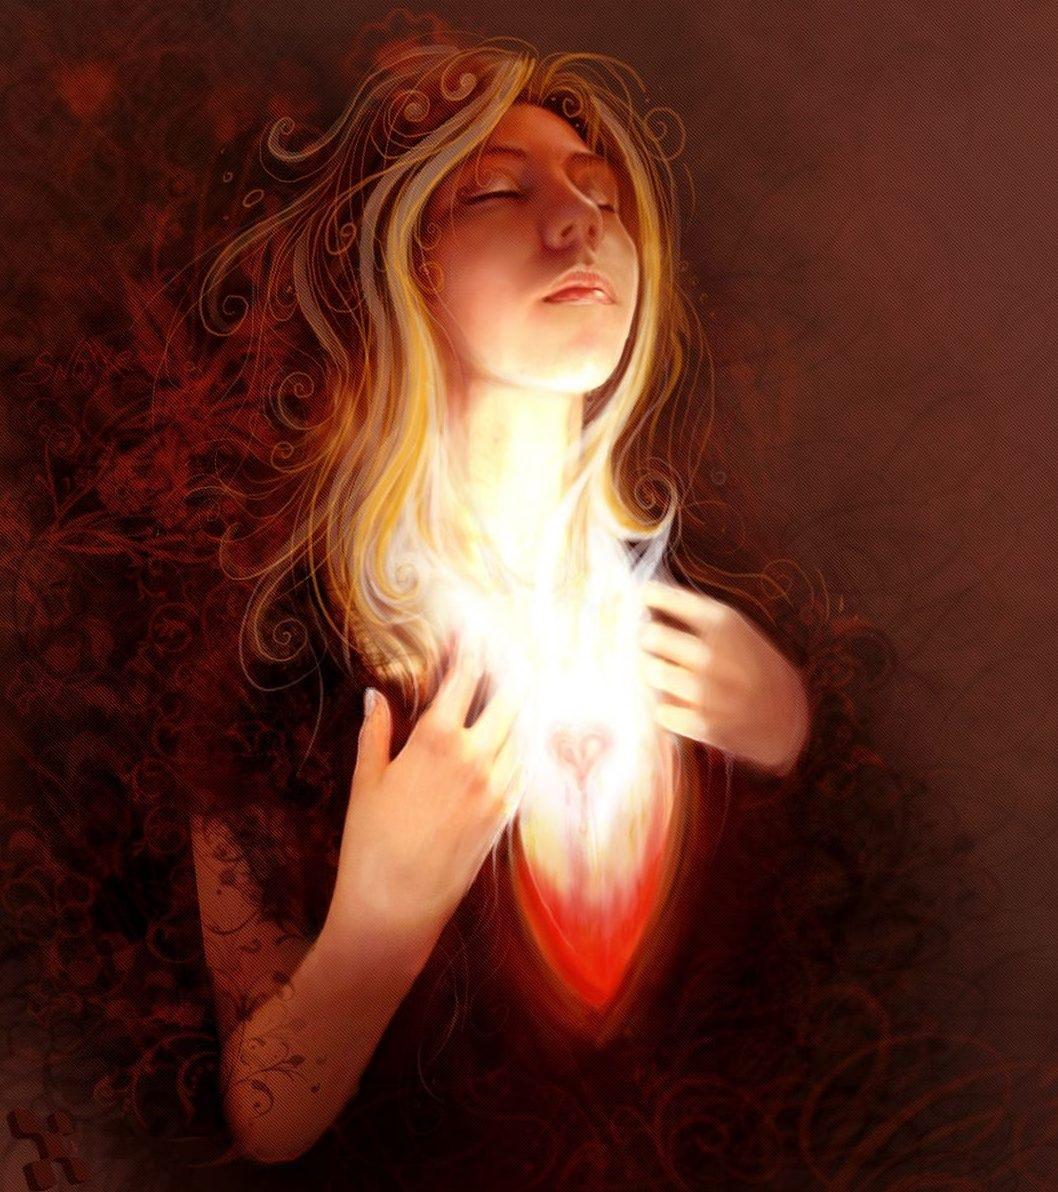 Опережая время. Проблемы Эмпатов. Сердце – неиссякаемый источник Света